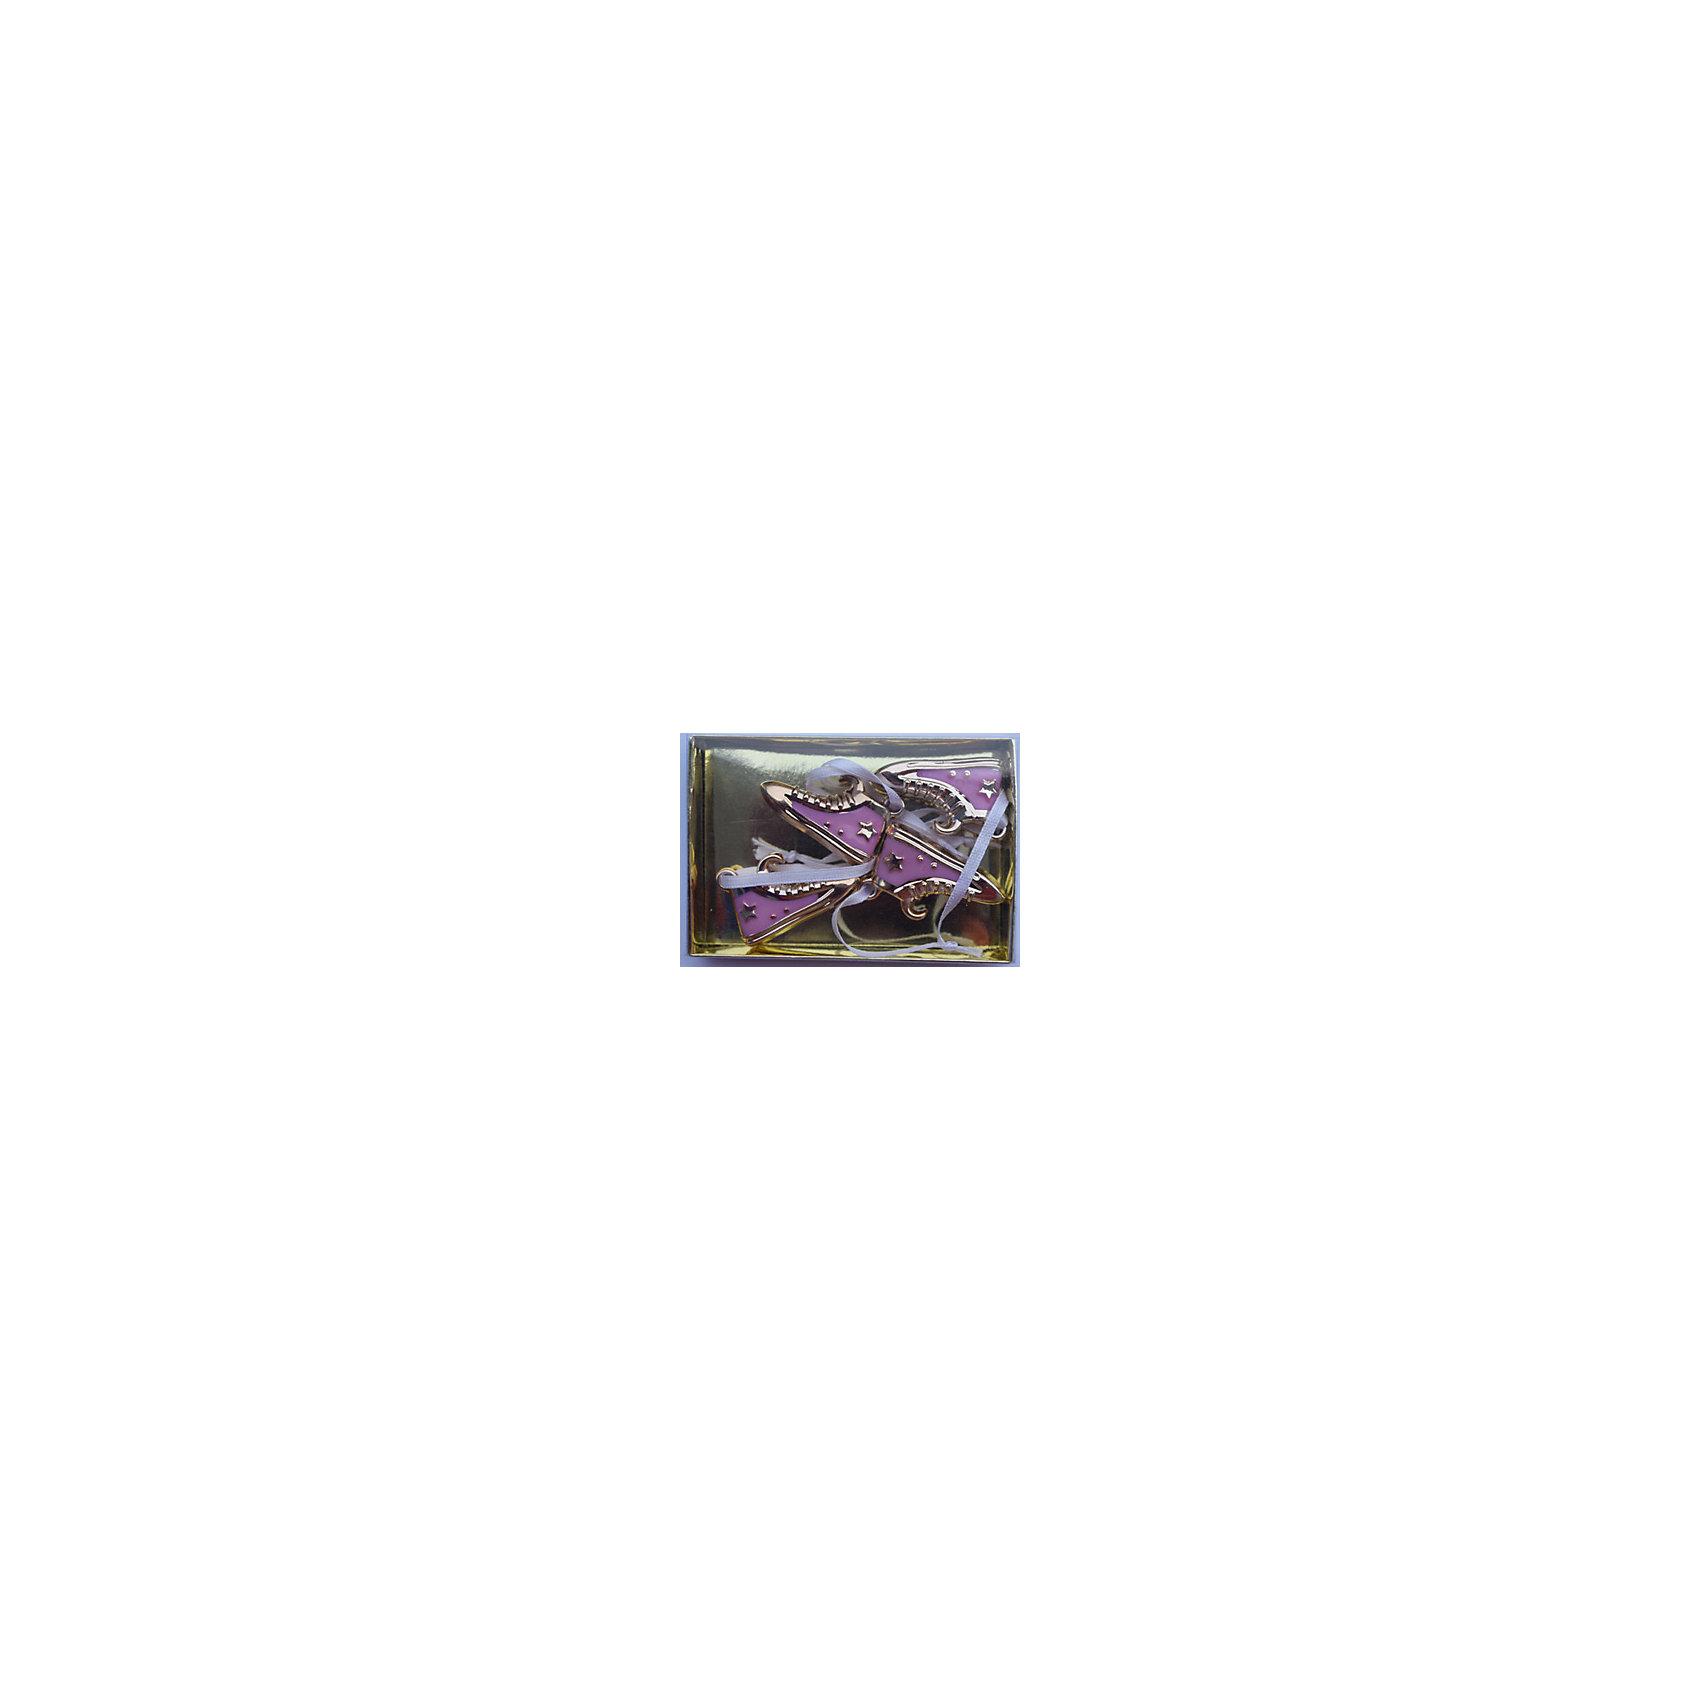 Magic Time Набор украшений Розовые кеды 4 шт набор новогодних подвесных украшений magic time розовые кеды 4 х 1 х 2 см 4 шт